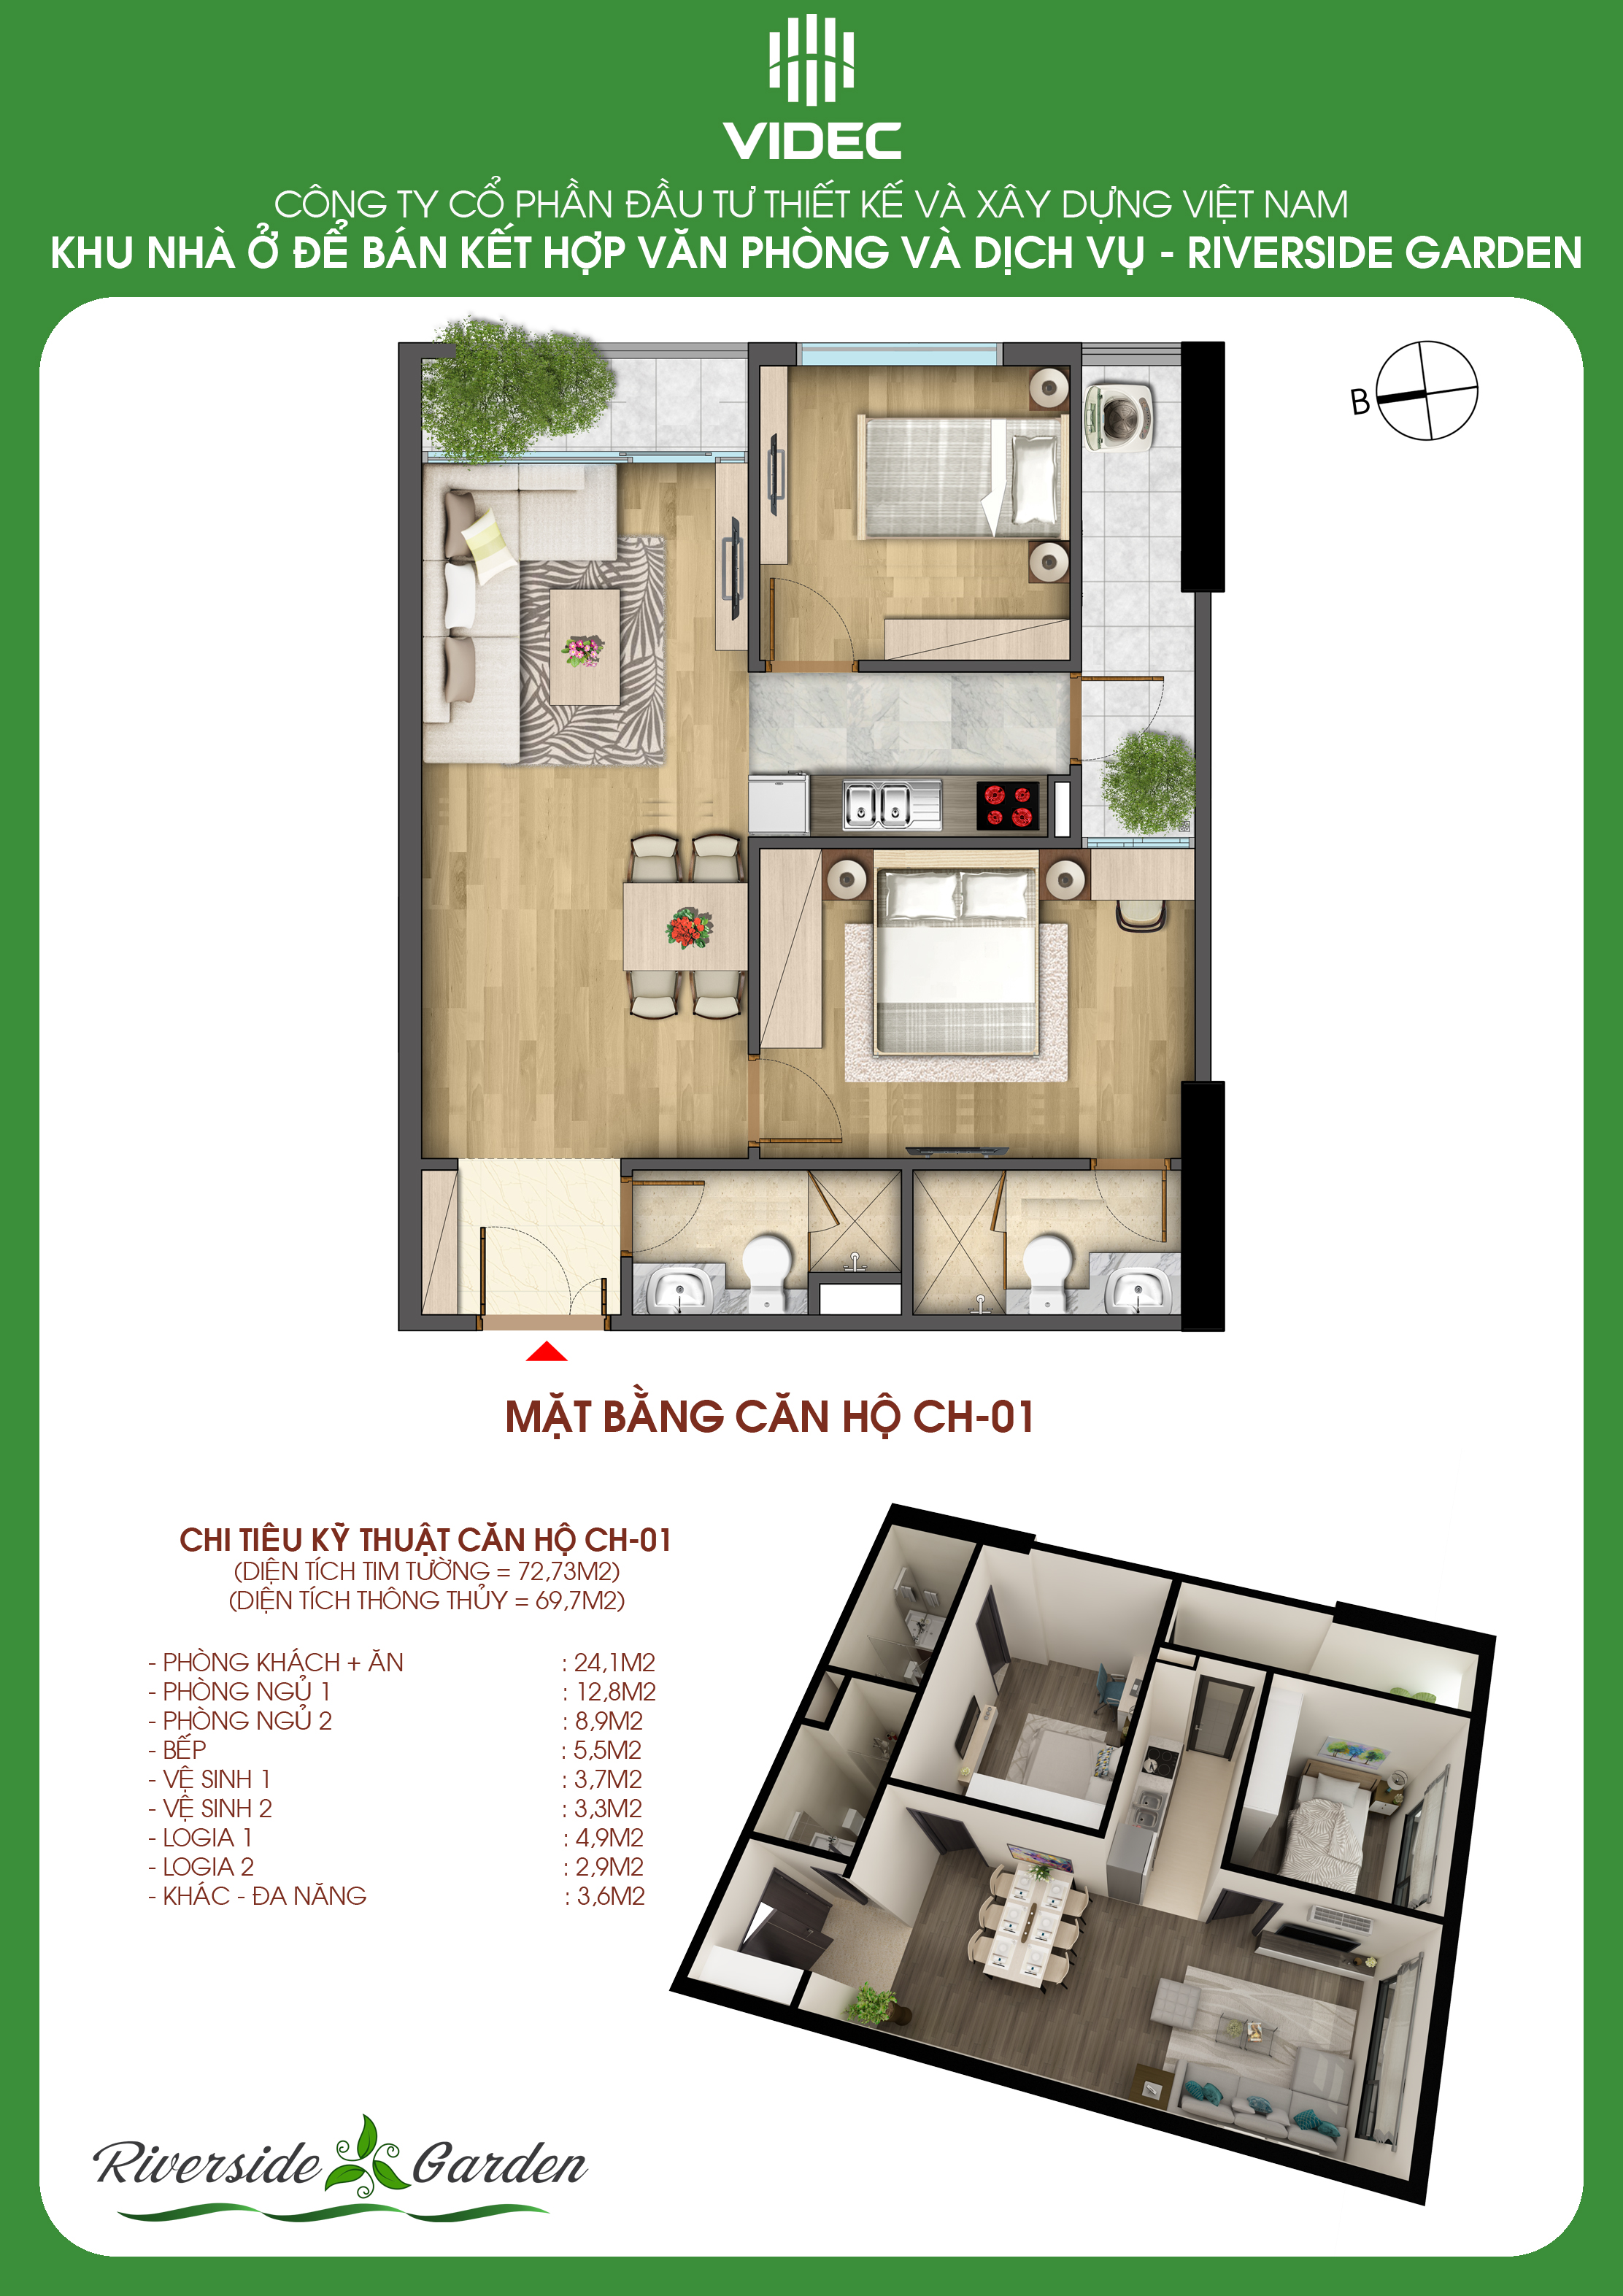 Căn hộ 2 phòng ngủ vuông thành sắc cạnh, đẹp nhất Hà Nội